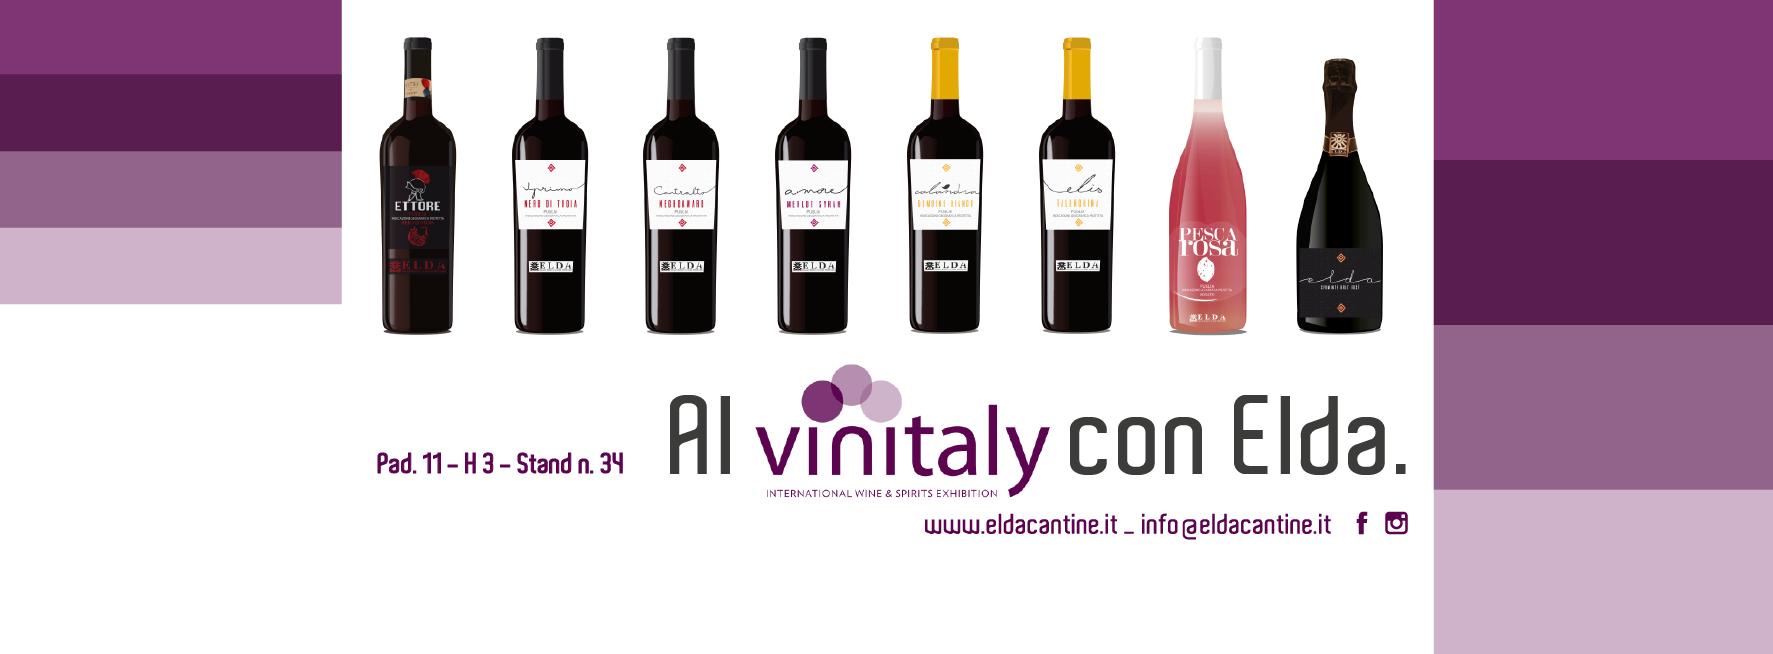 (Italiano) Al Vinitaly con Elda.